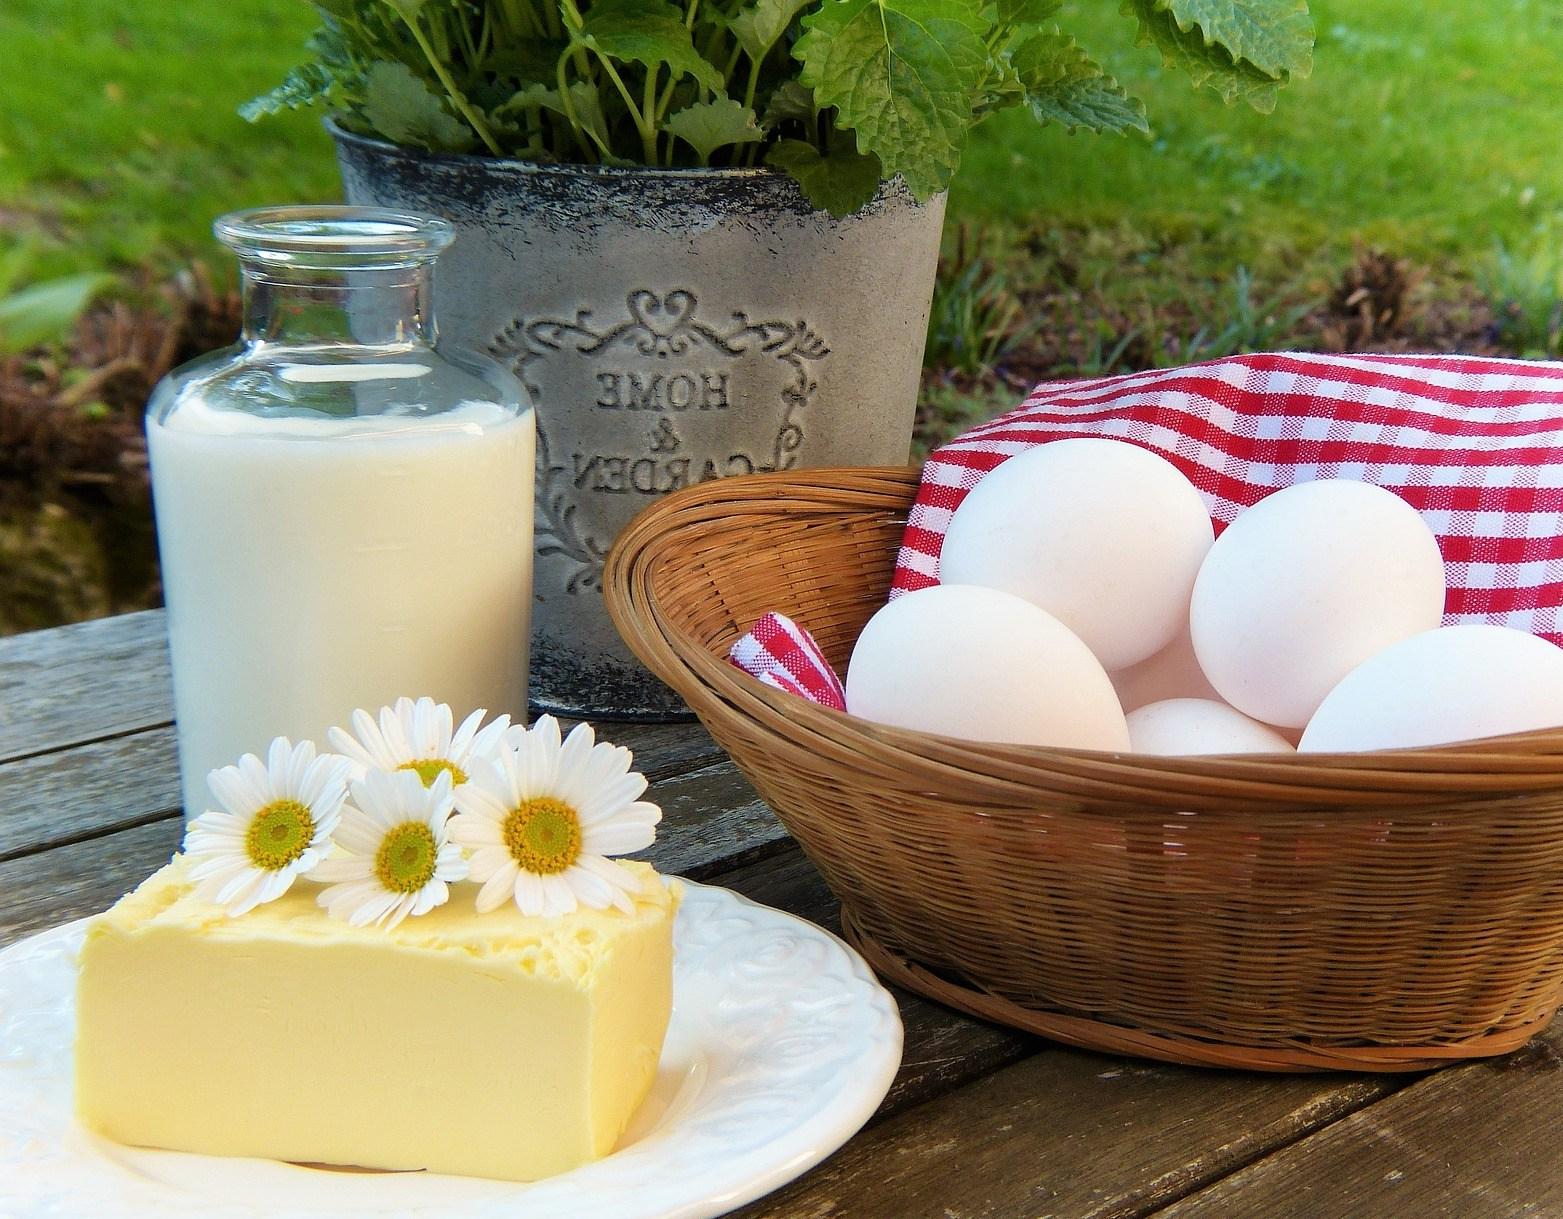 egg-2191991_1920.jpg